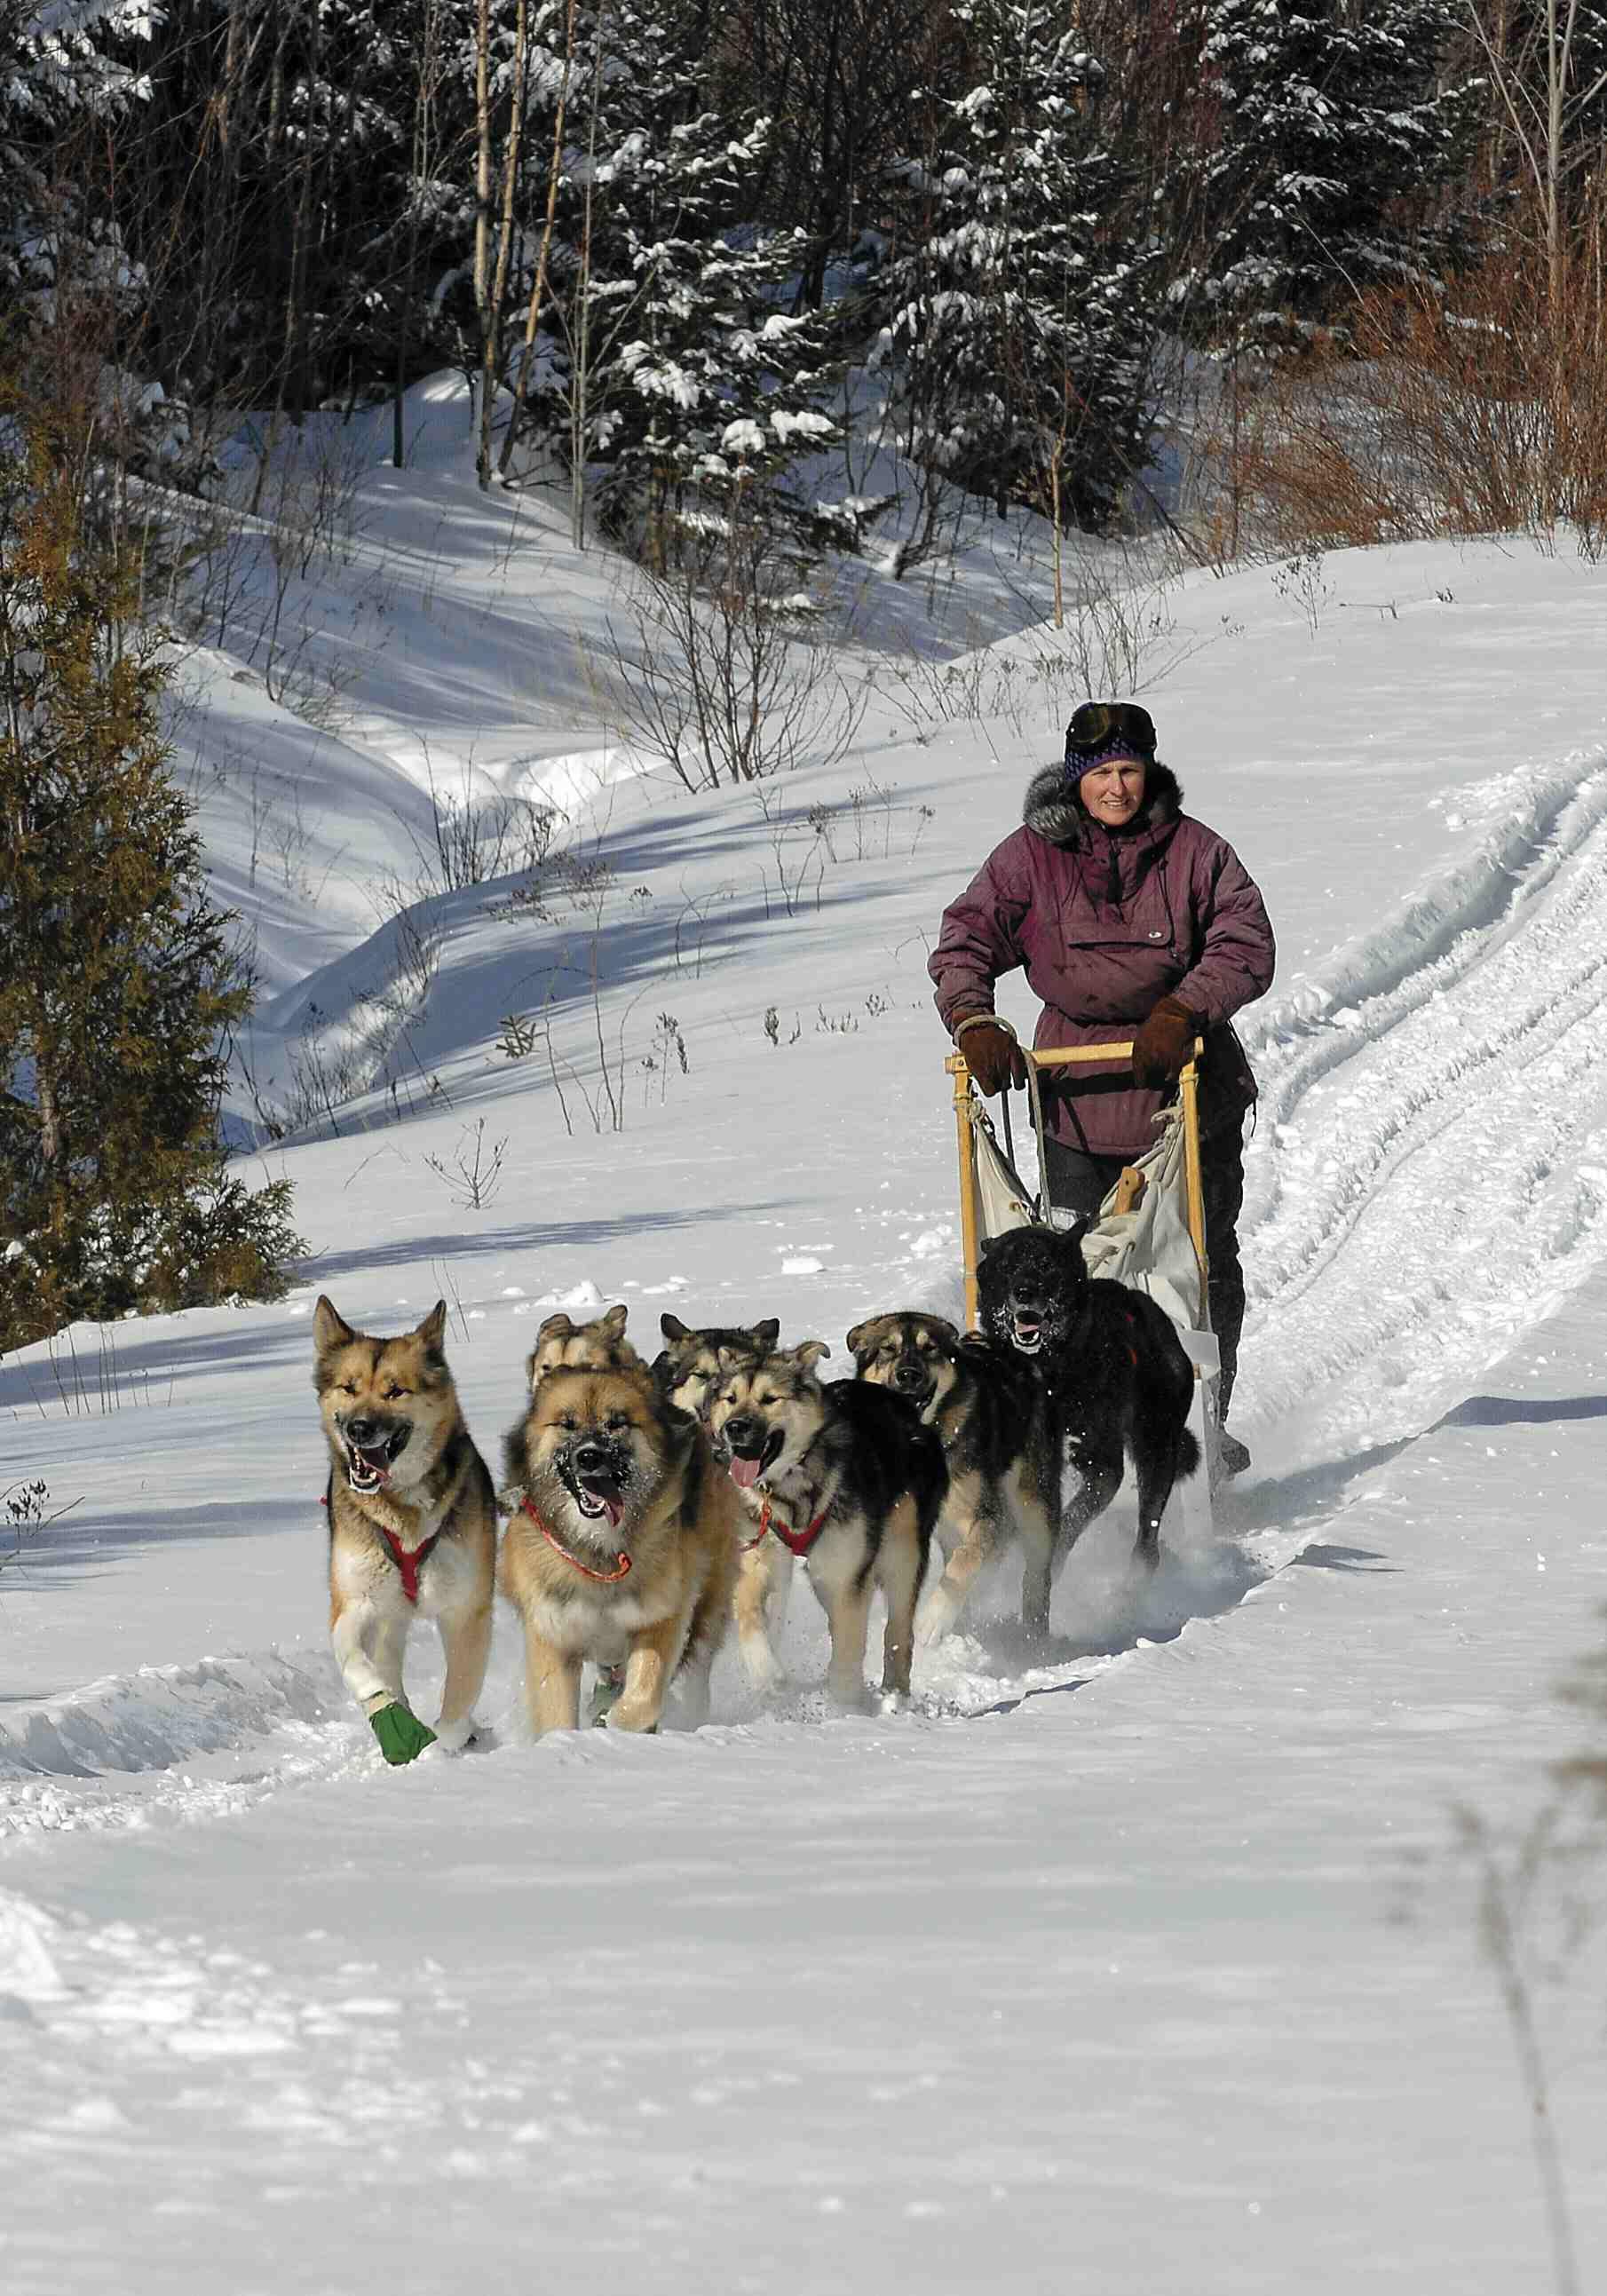 Maccabe-Dogsledding-Dogsledding_02-07  169#DBAF.jpg